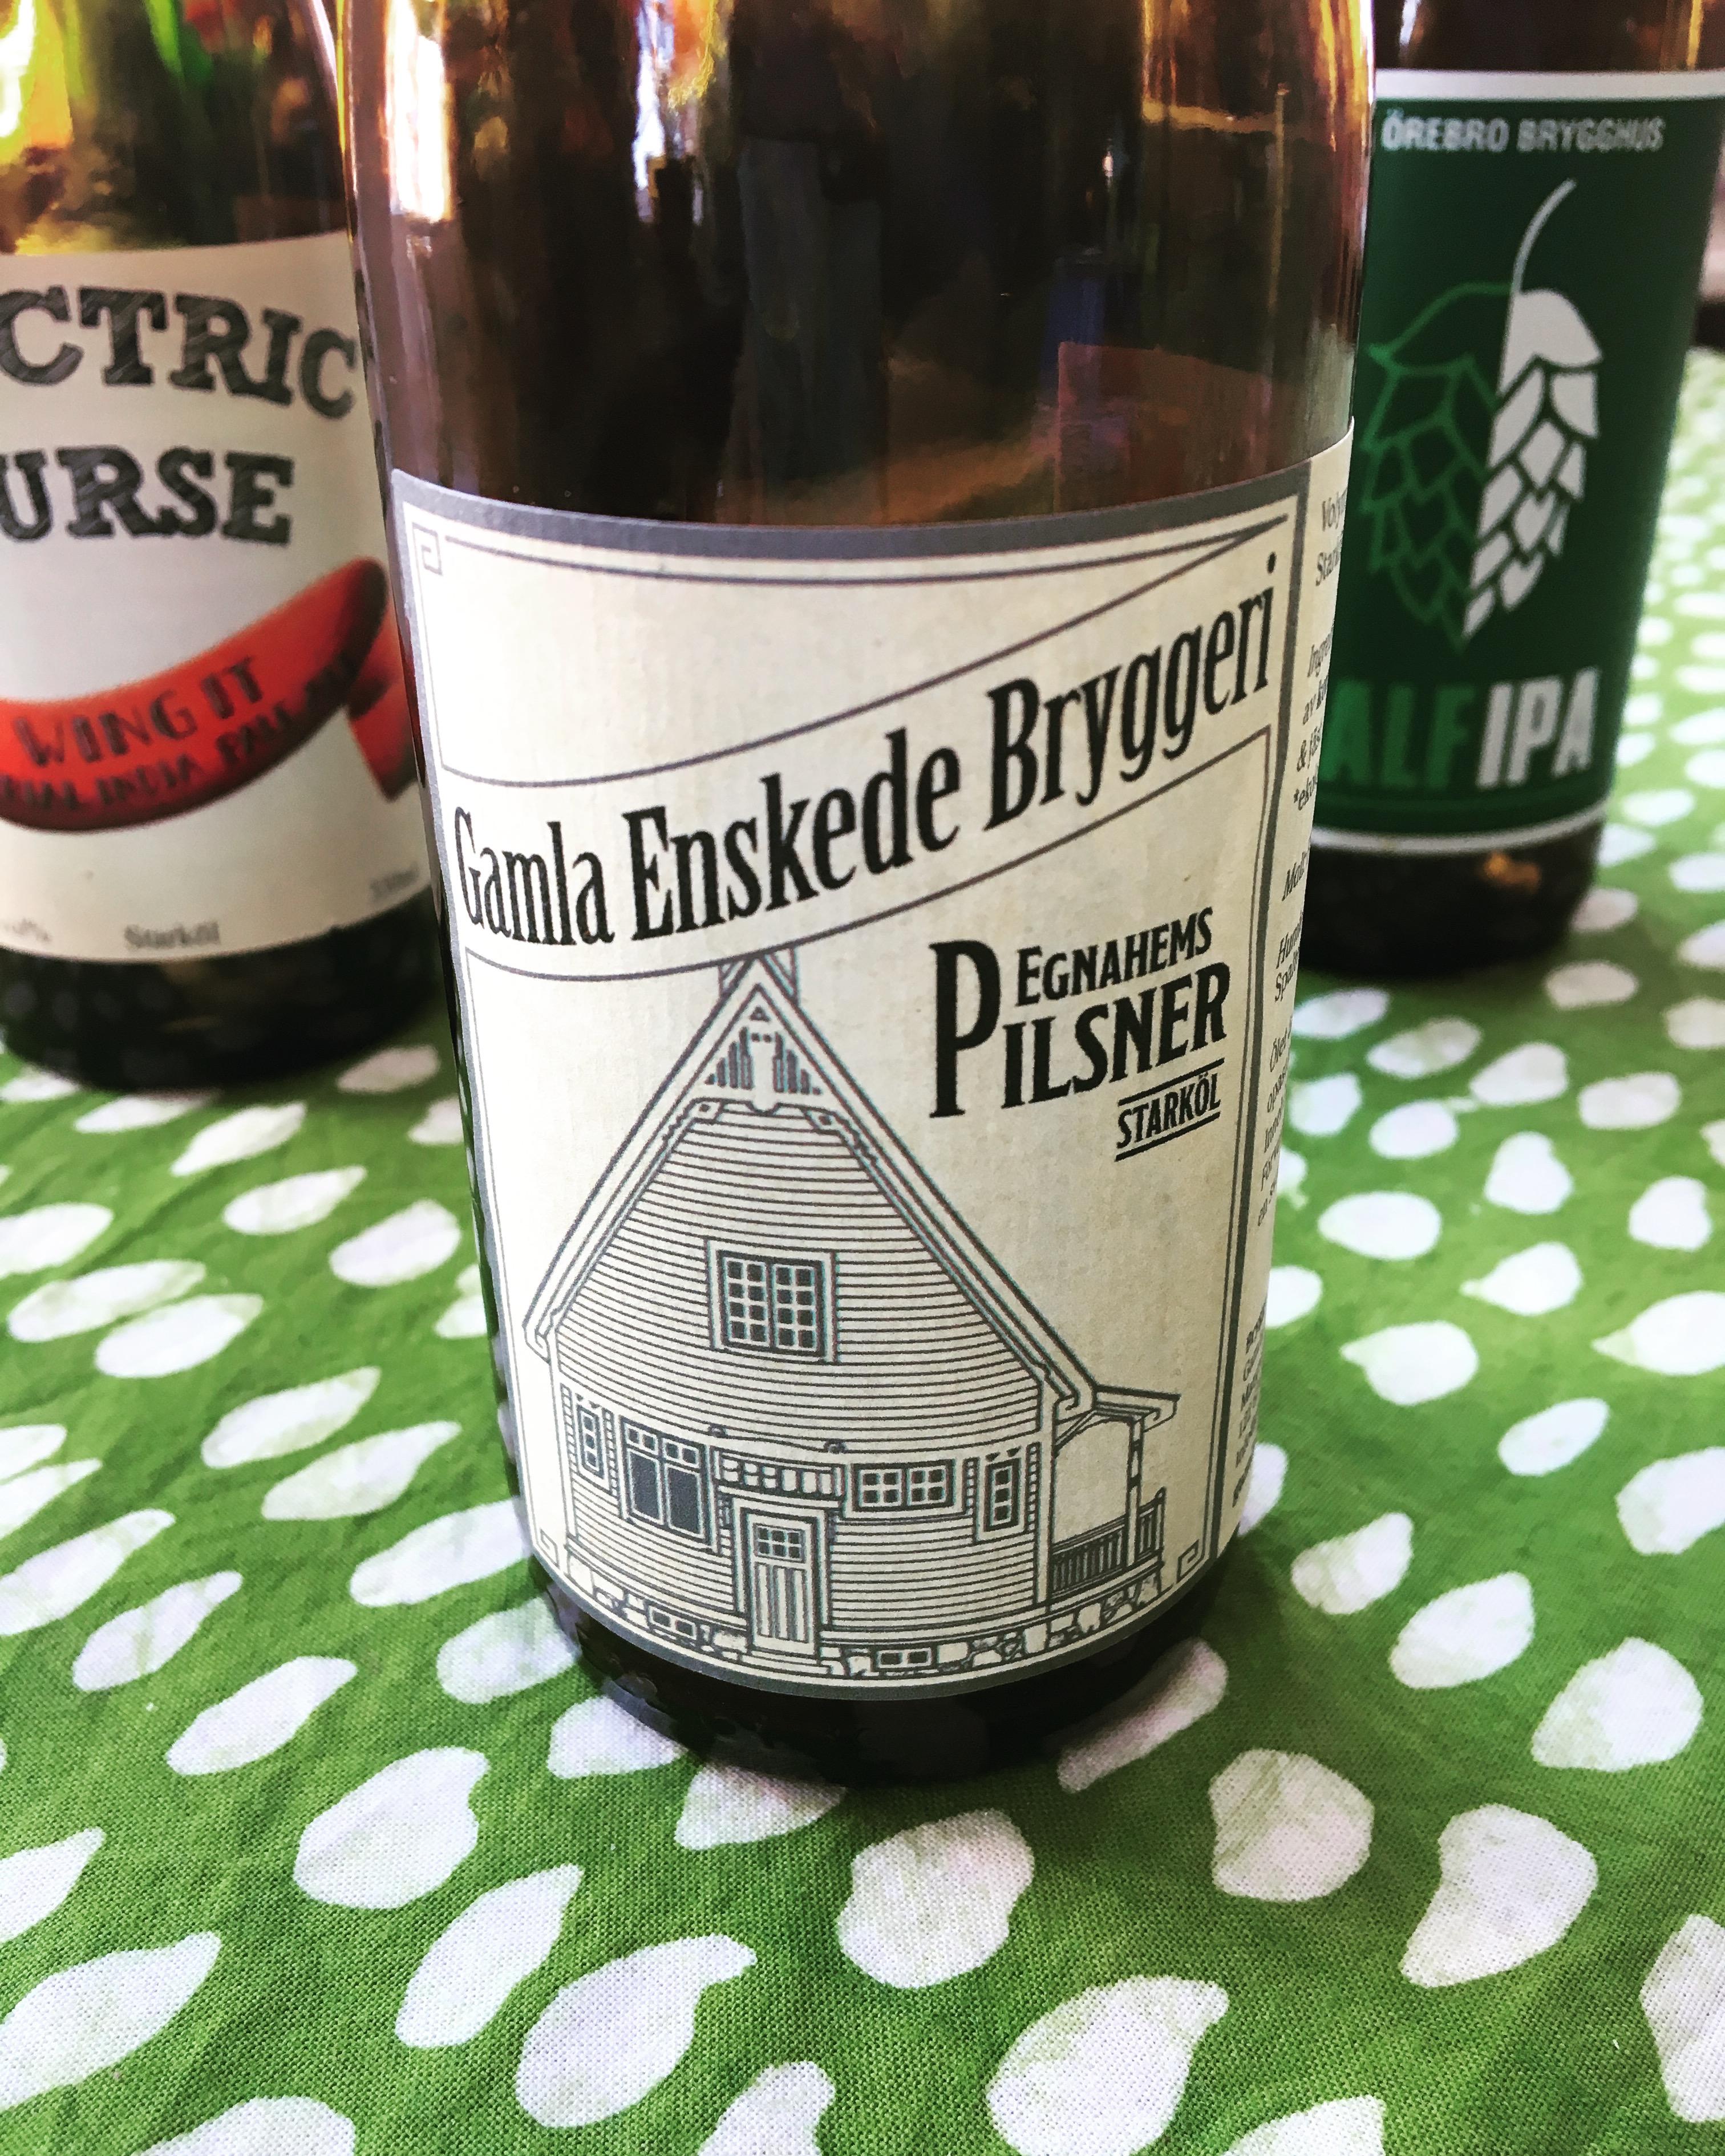 Pilsner från Gamla Enskede bryggeri. Foto: Joel Linderoth.